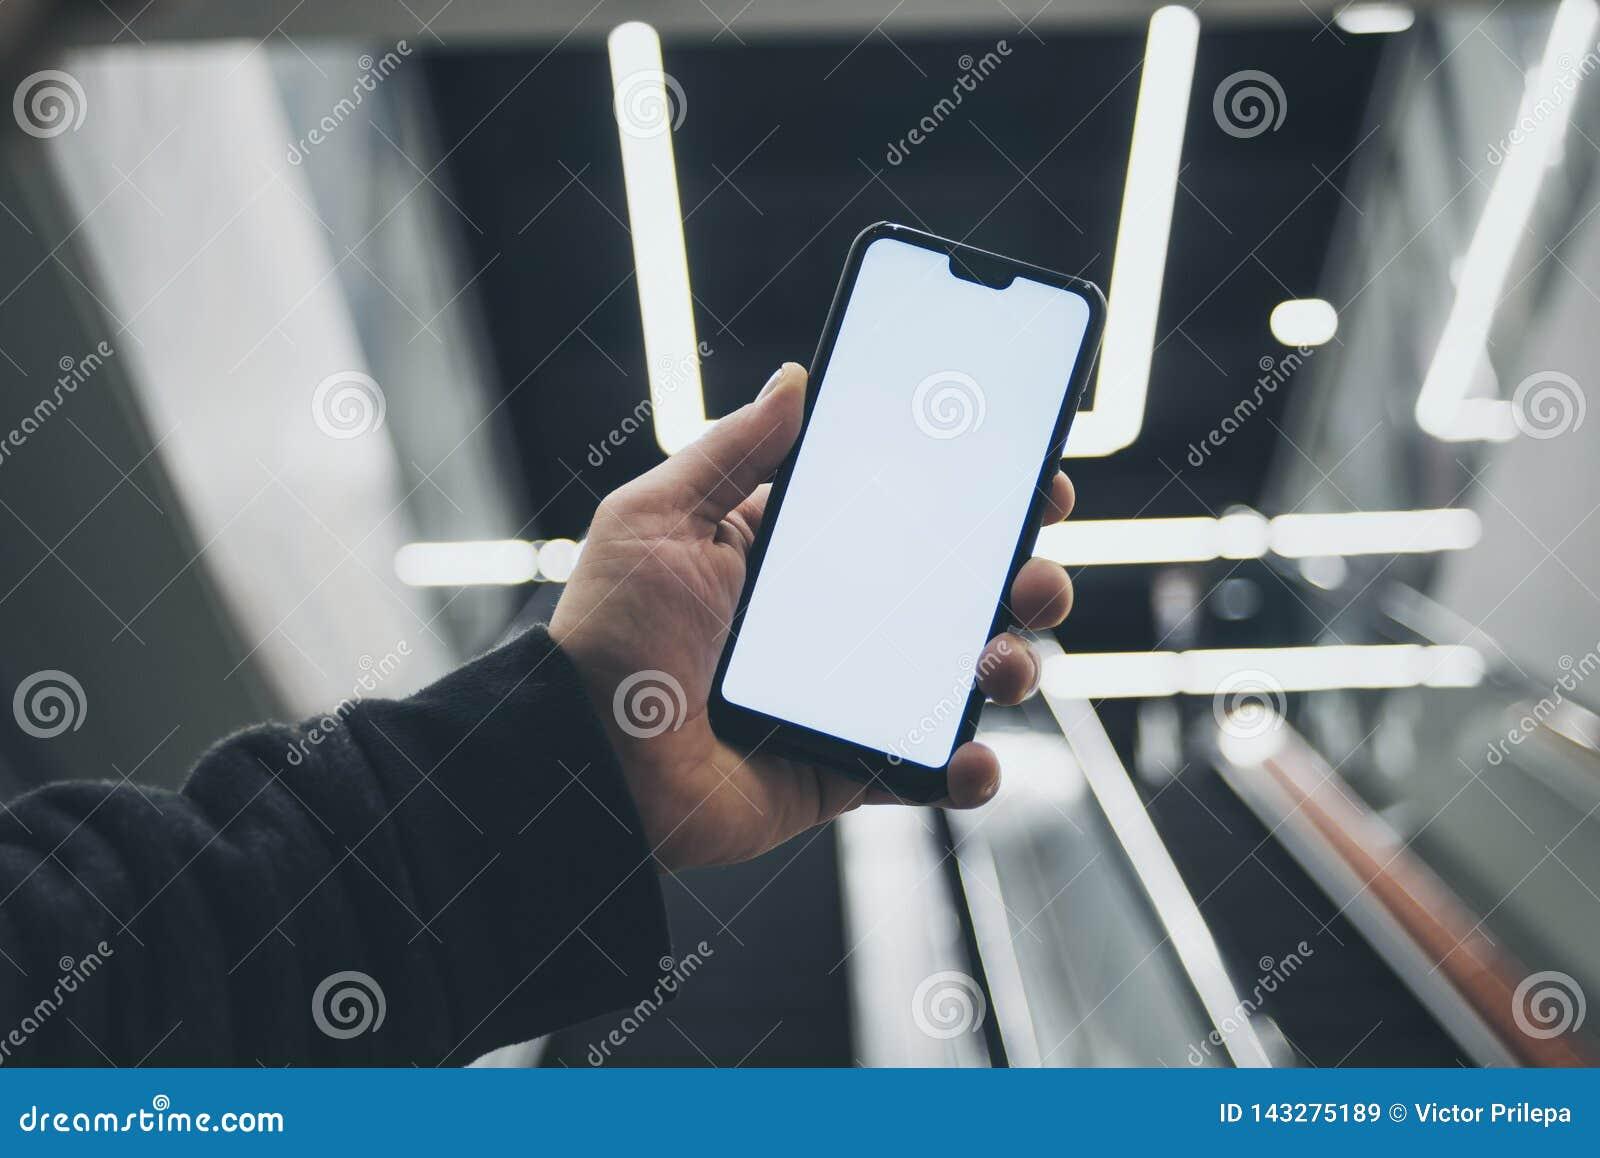 Wyśmiewa w górę smartphone w ręce, na tle eskalator w świecących lampach i centrum handlowym